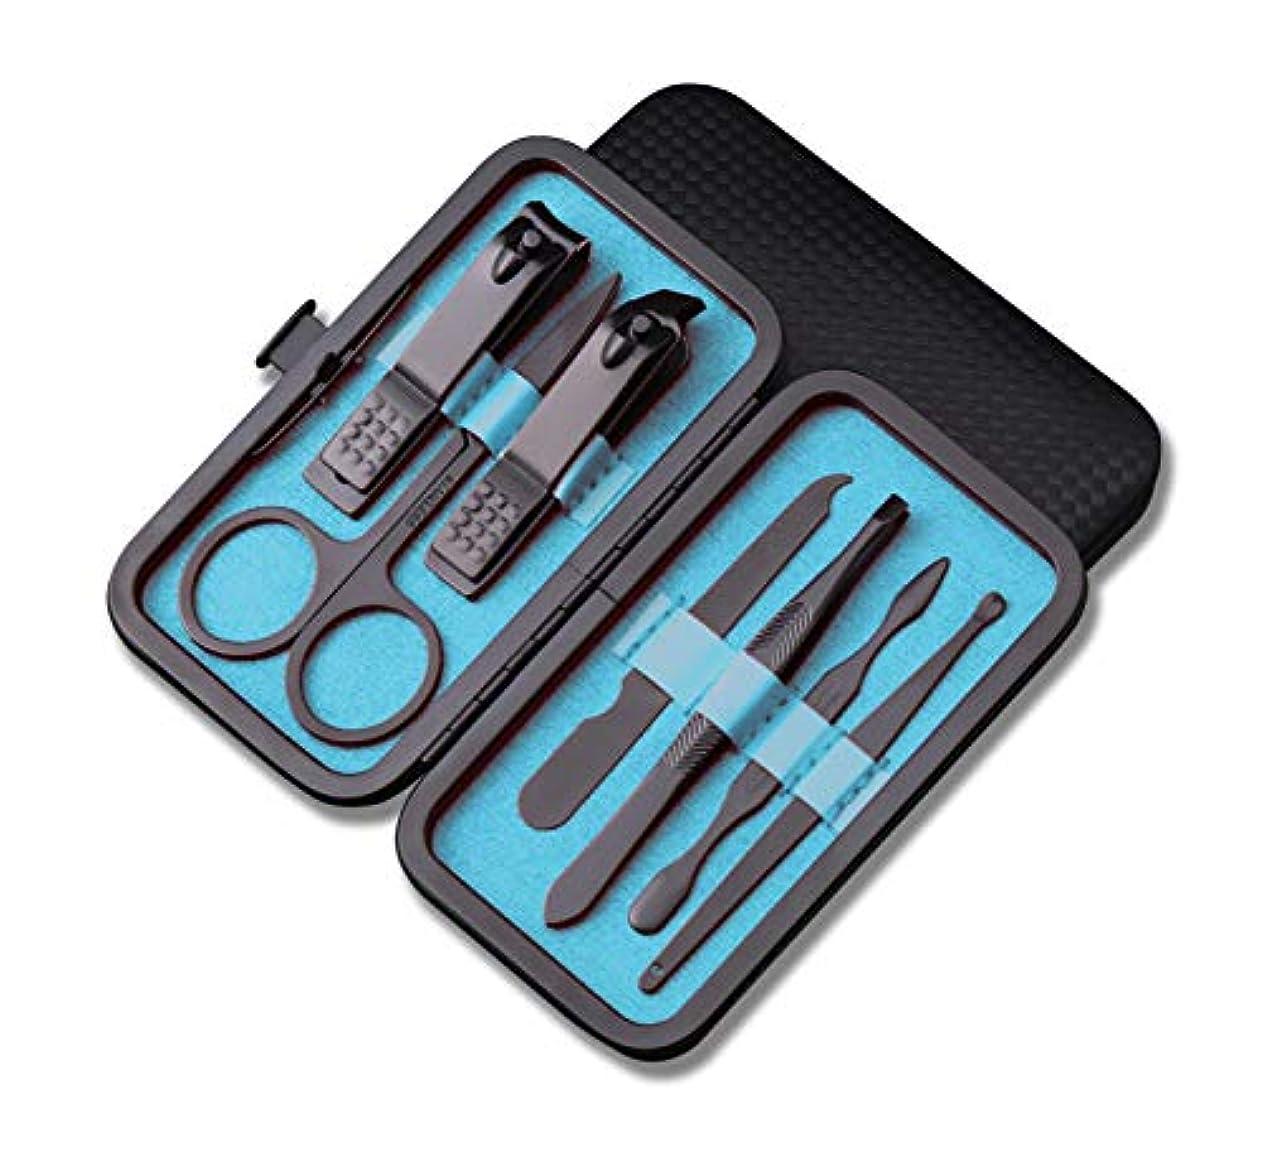 信者ワーカーシェトランド諸島爪切り, 爪切りセット, 7点セット, 高級のステンレスの爪切り, 手足の爪の看護が通用します, 携帯 収 納ケース, 男女兼用